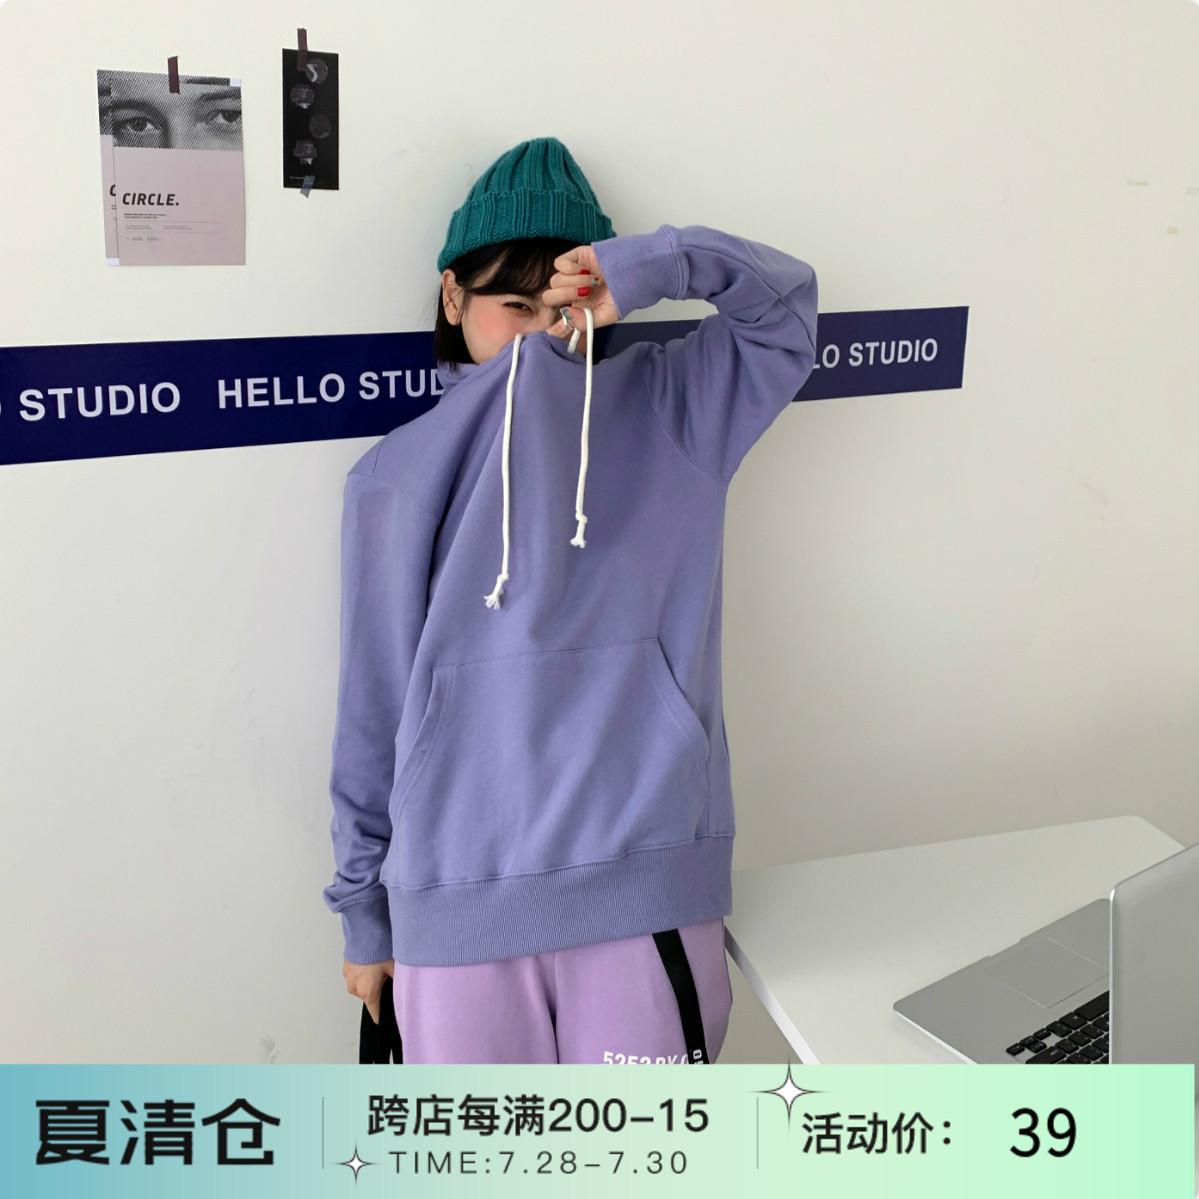 紫色卫衣 疯芝潮牌冠军温柔奶紫色百搭全棉毛圈套头连帽宽松男友风大卫衣_推荐淘宝好看的紫色卫衣